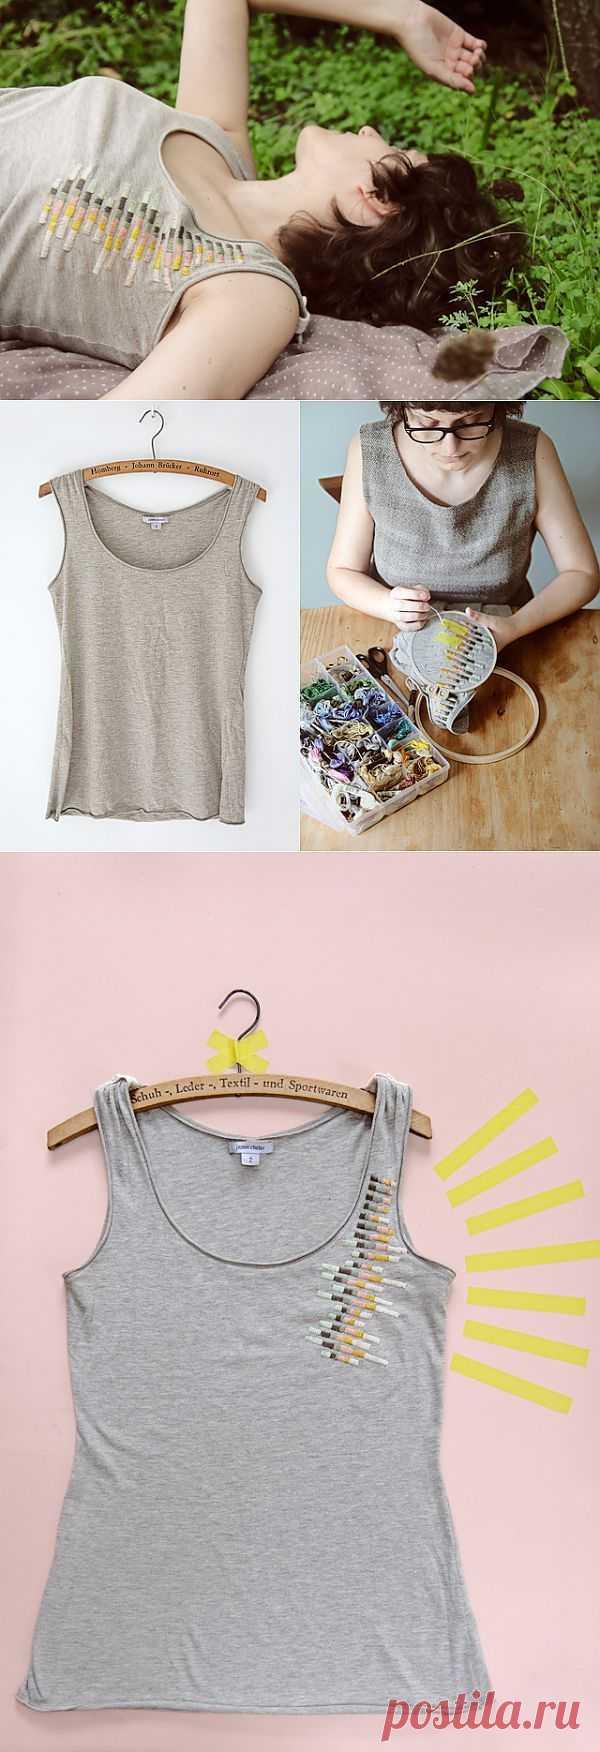 Просто вышивка просто майки (DIY) / Вышивка / Модный сайт о стильной переделке одежды и интерьера